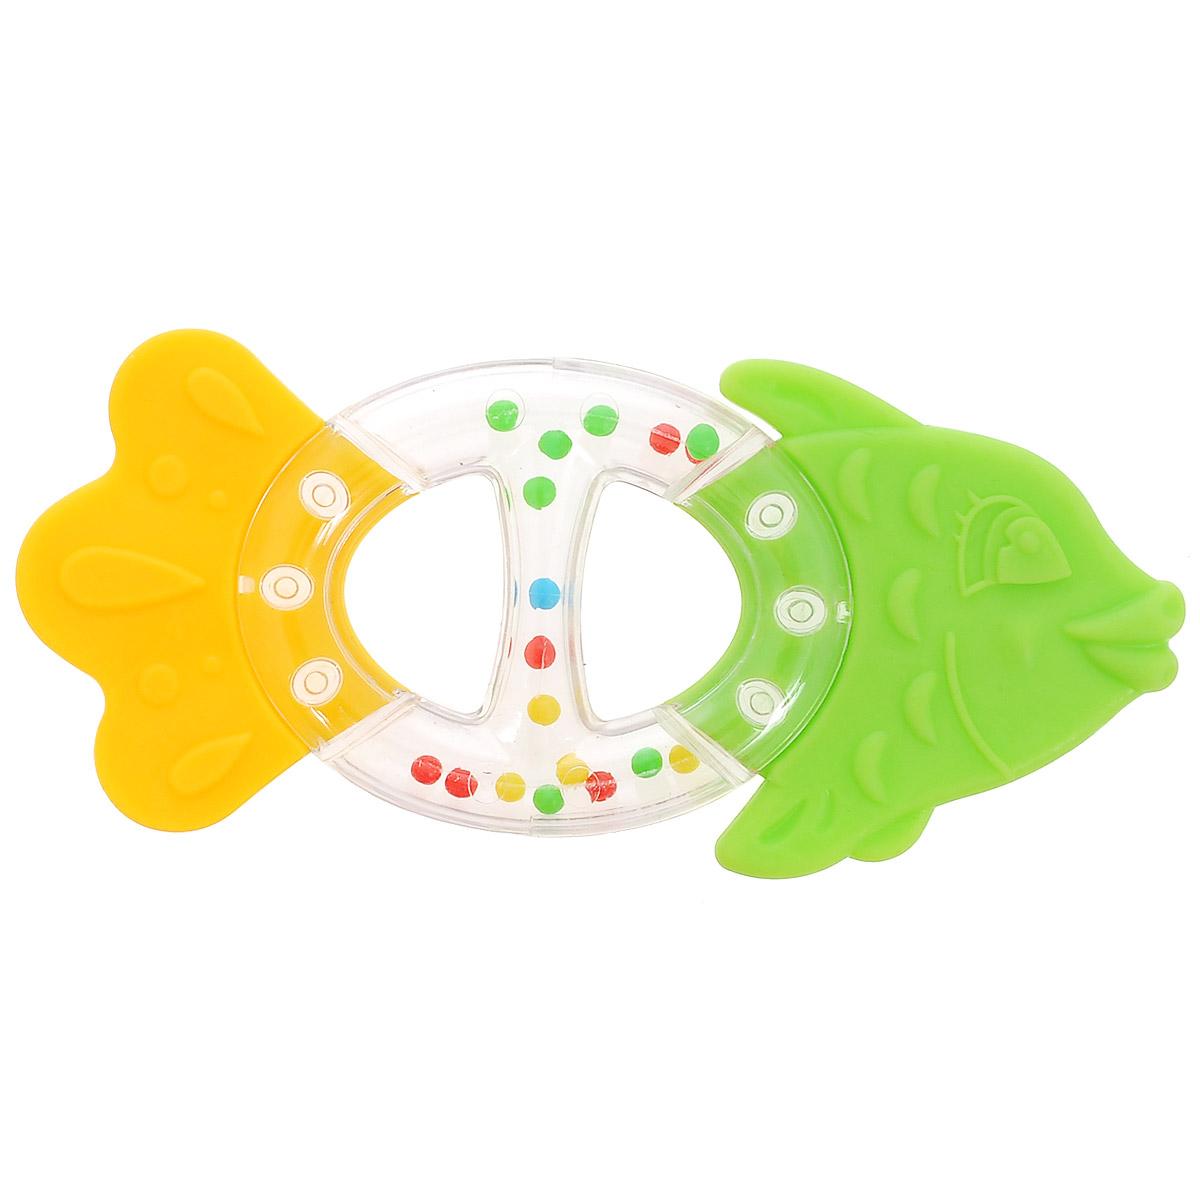 Stellar Погремушка-прорезыватель Рыбка, цвет: салатовый, желтый развивающая игрушка stellar веселый молоточек цвет малиновый розовый желтый